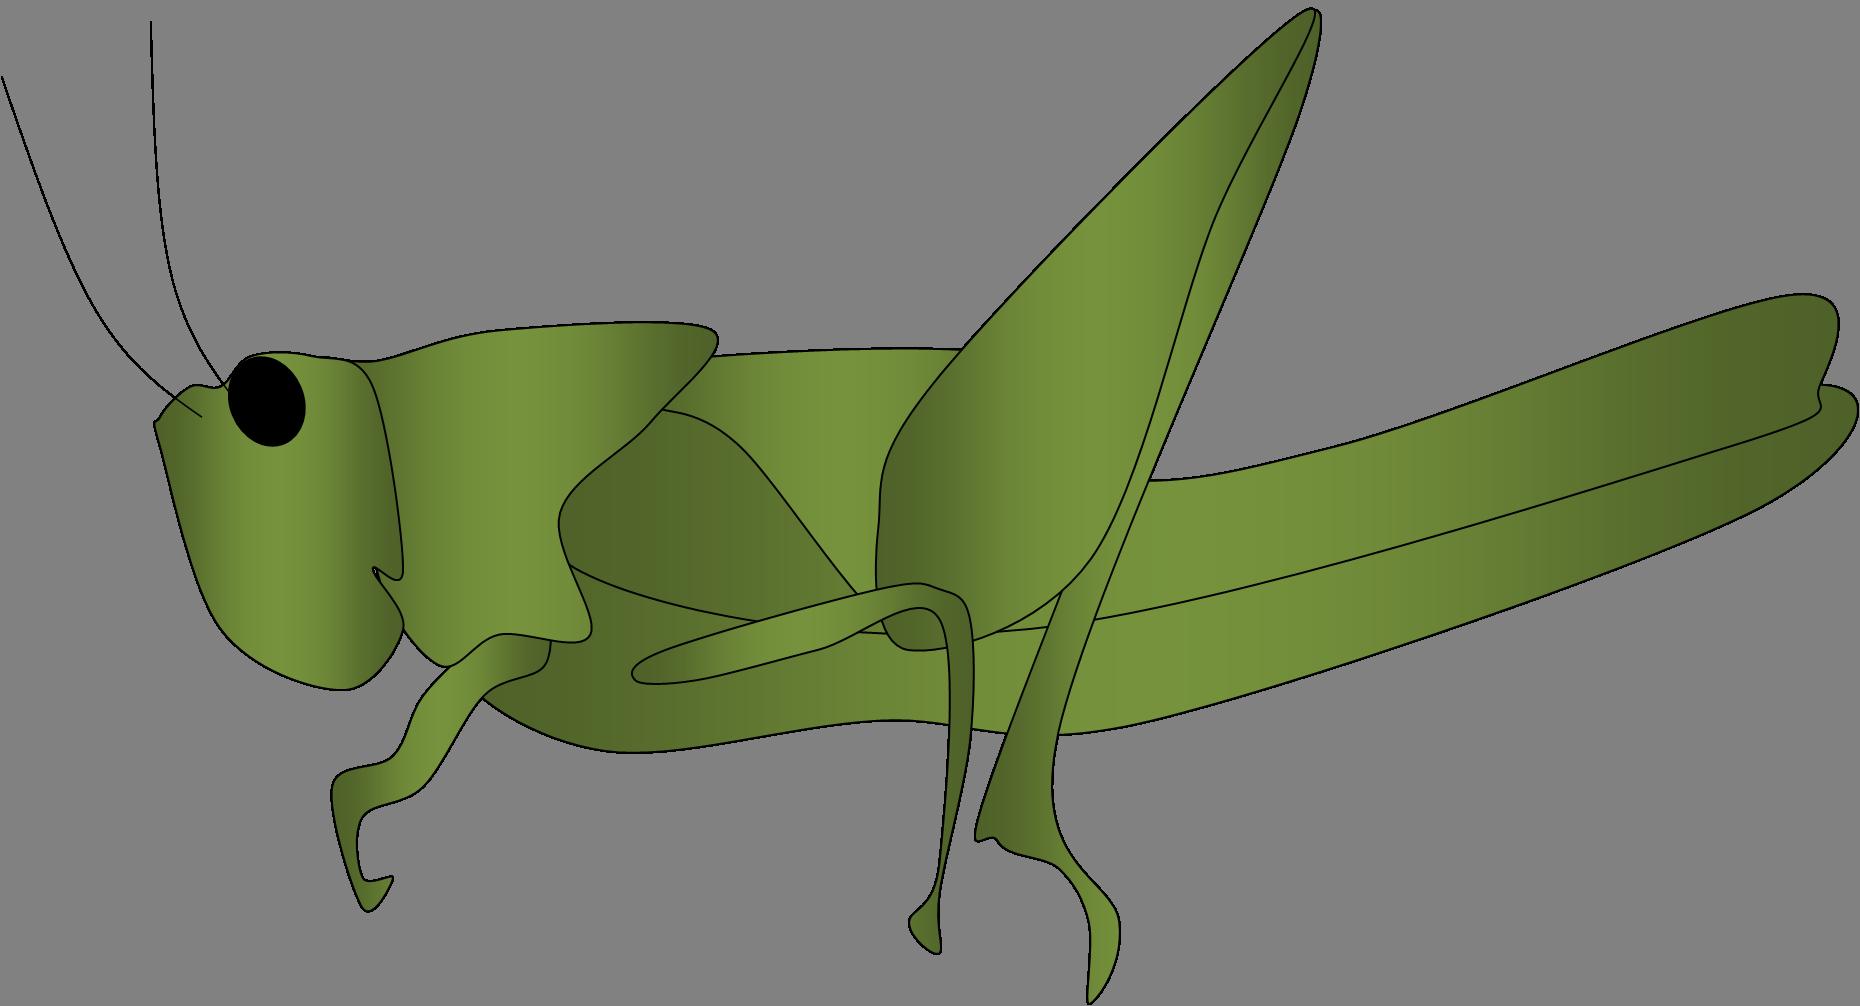 Grasshopper clipart 4 4